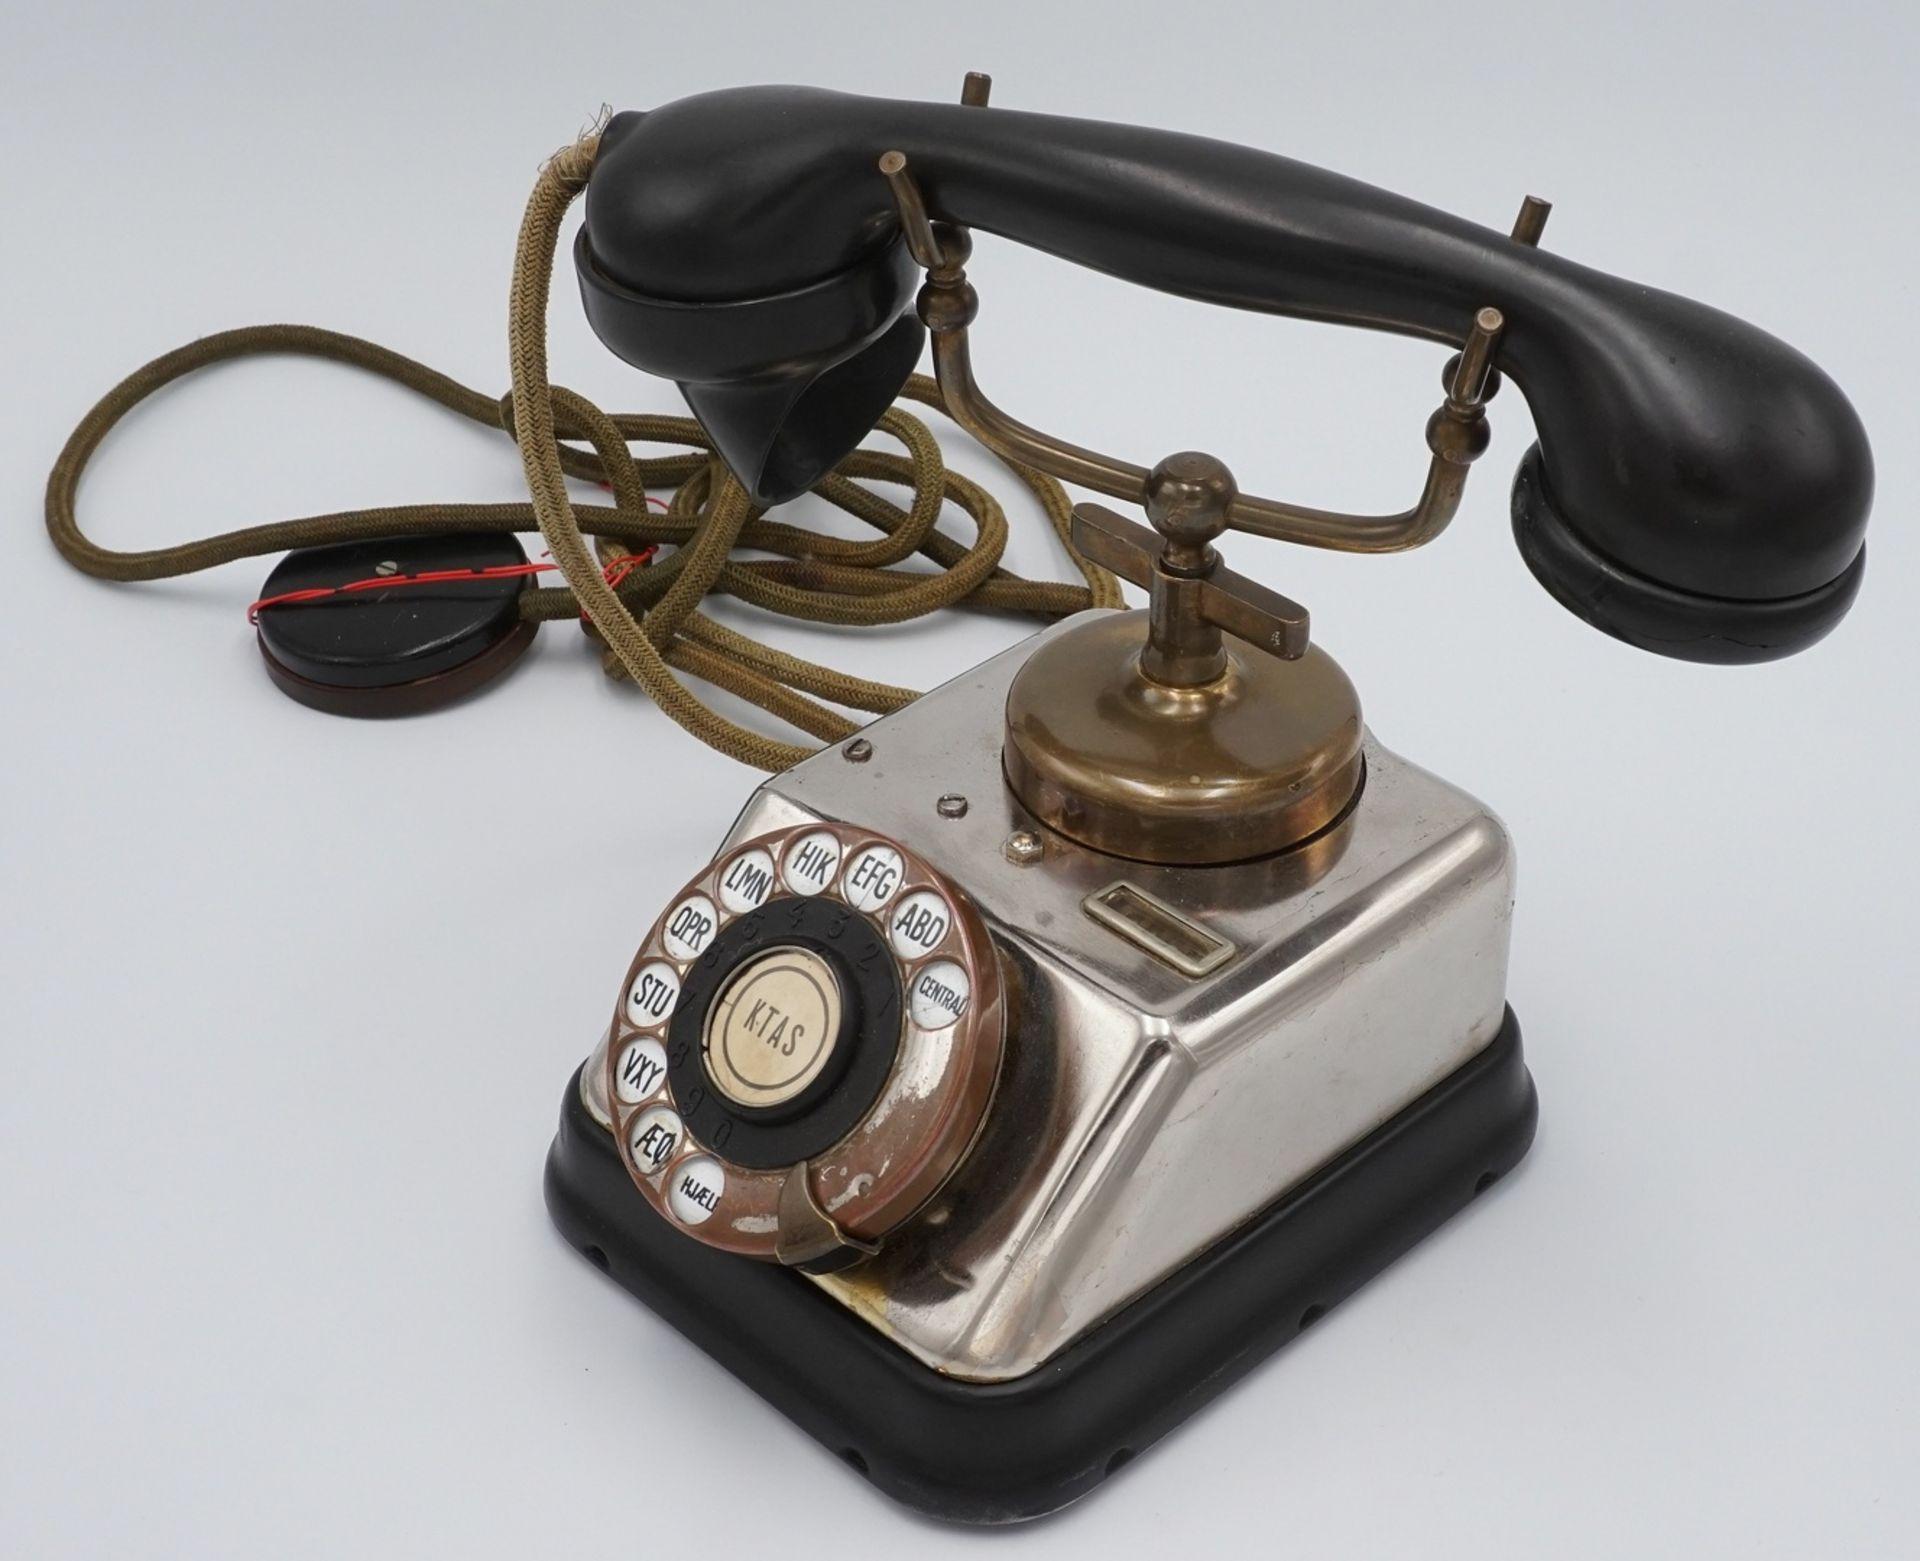 KTAS dänisches Telefon mit Wählscheibe, um 1930 - Bild 3 aus 4